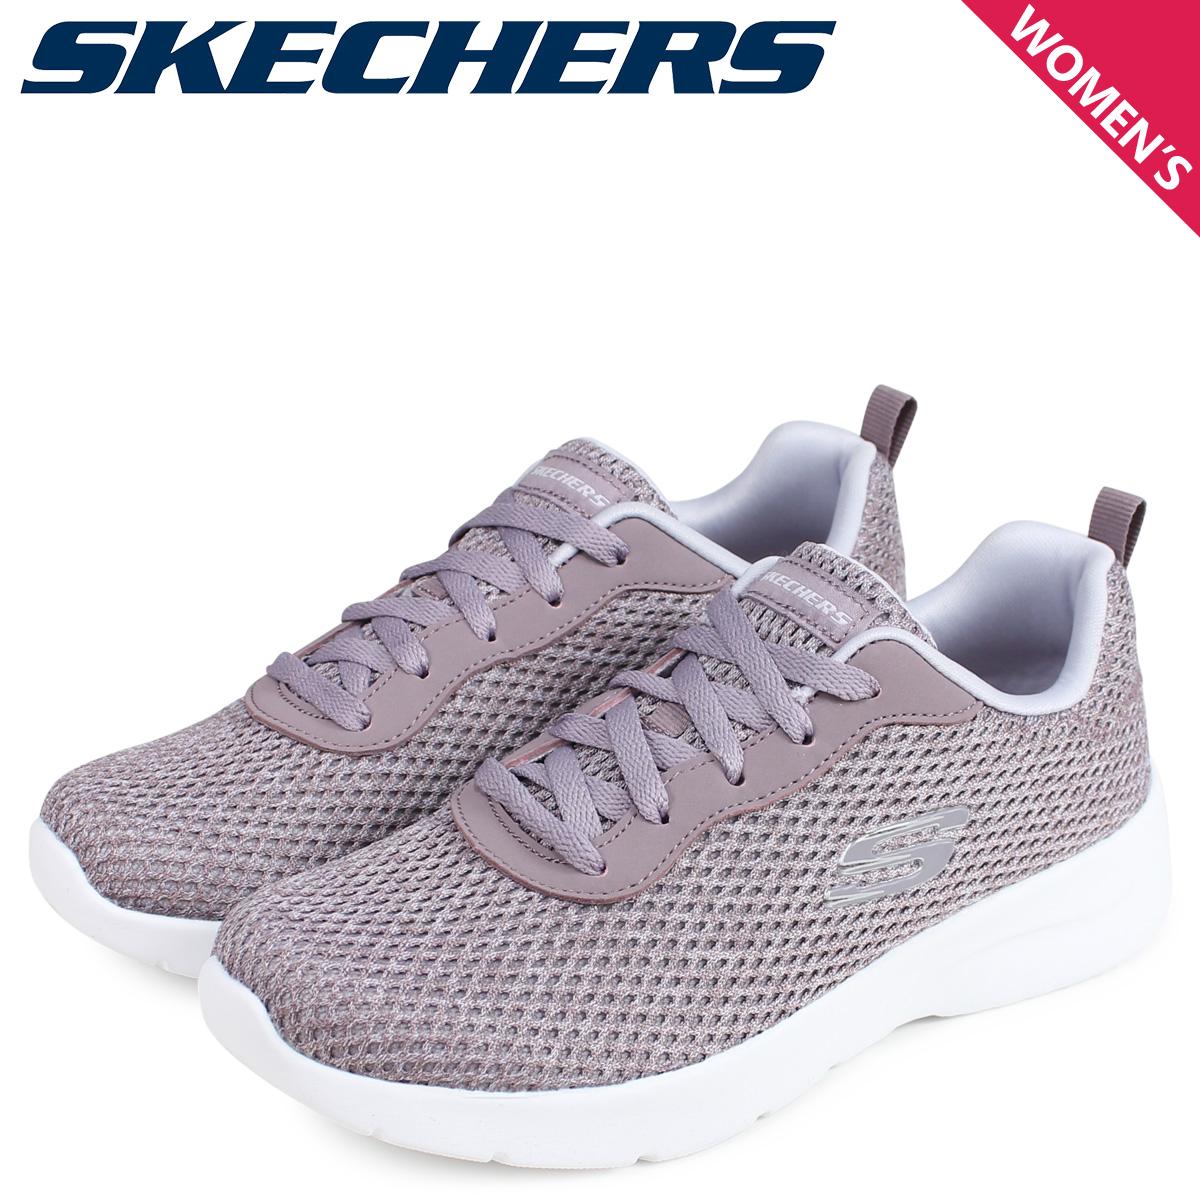 skechers shop online